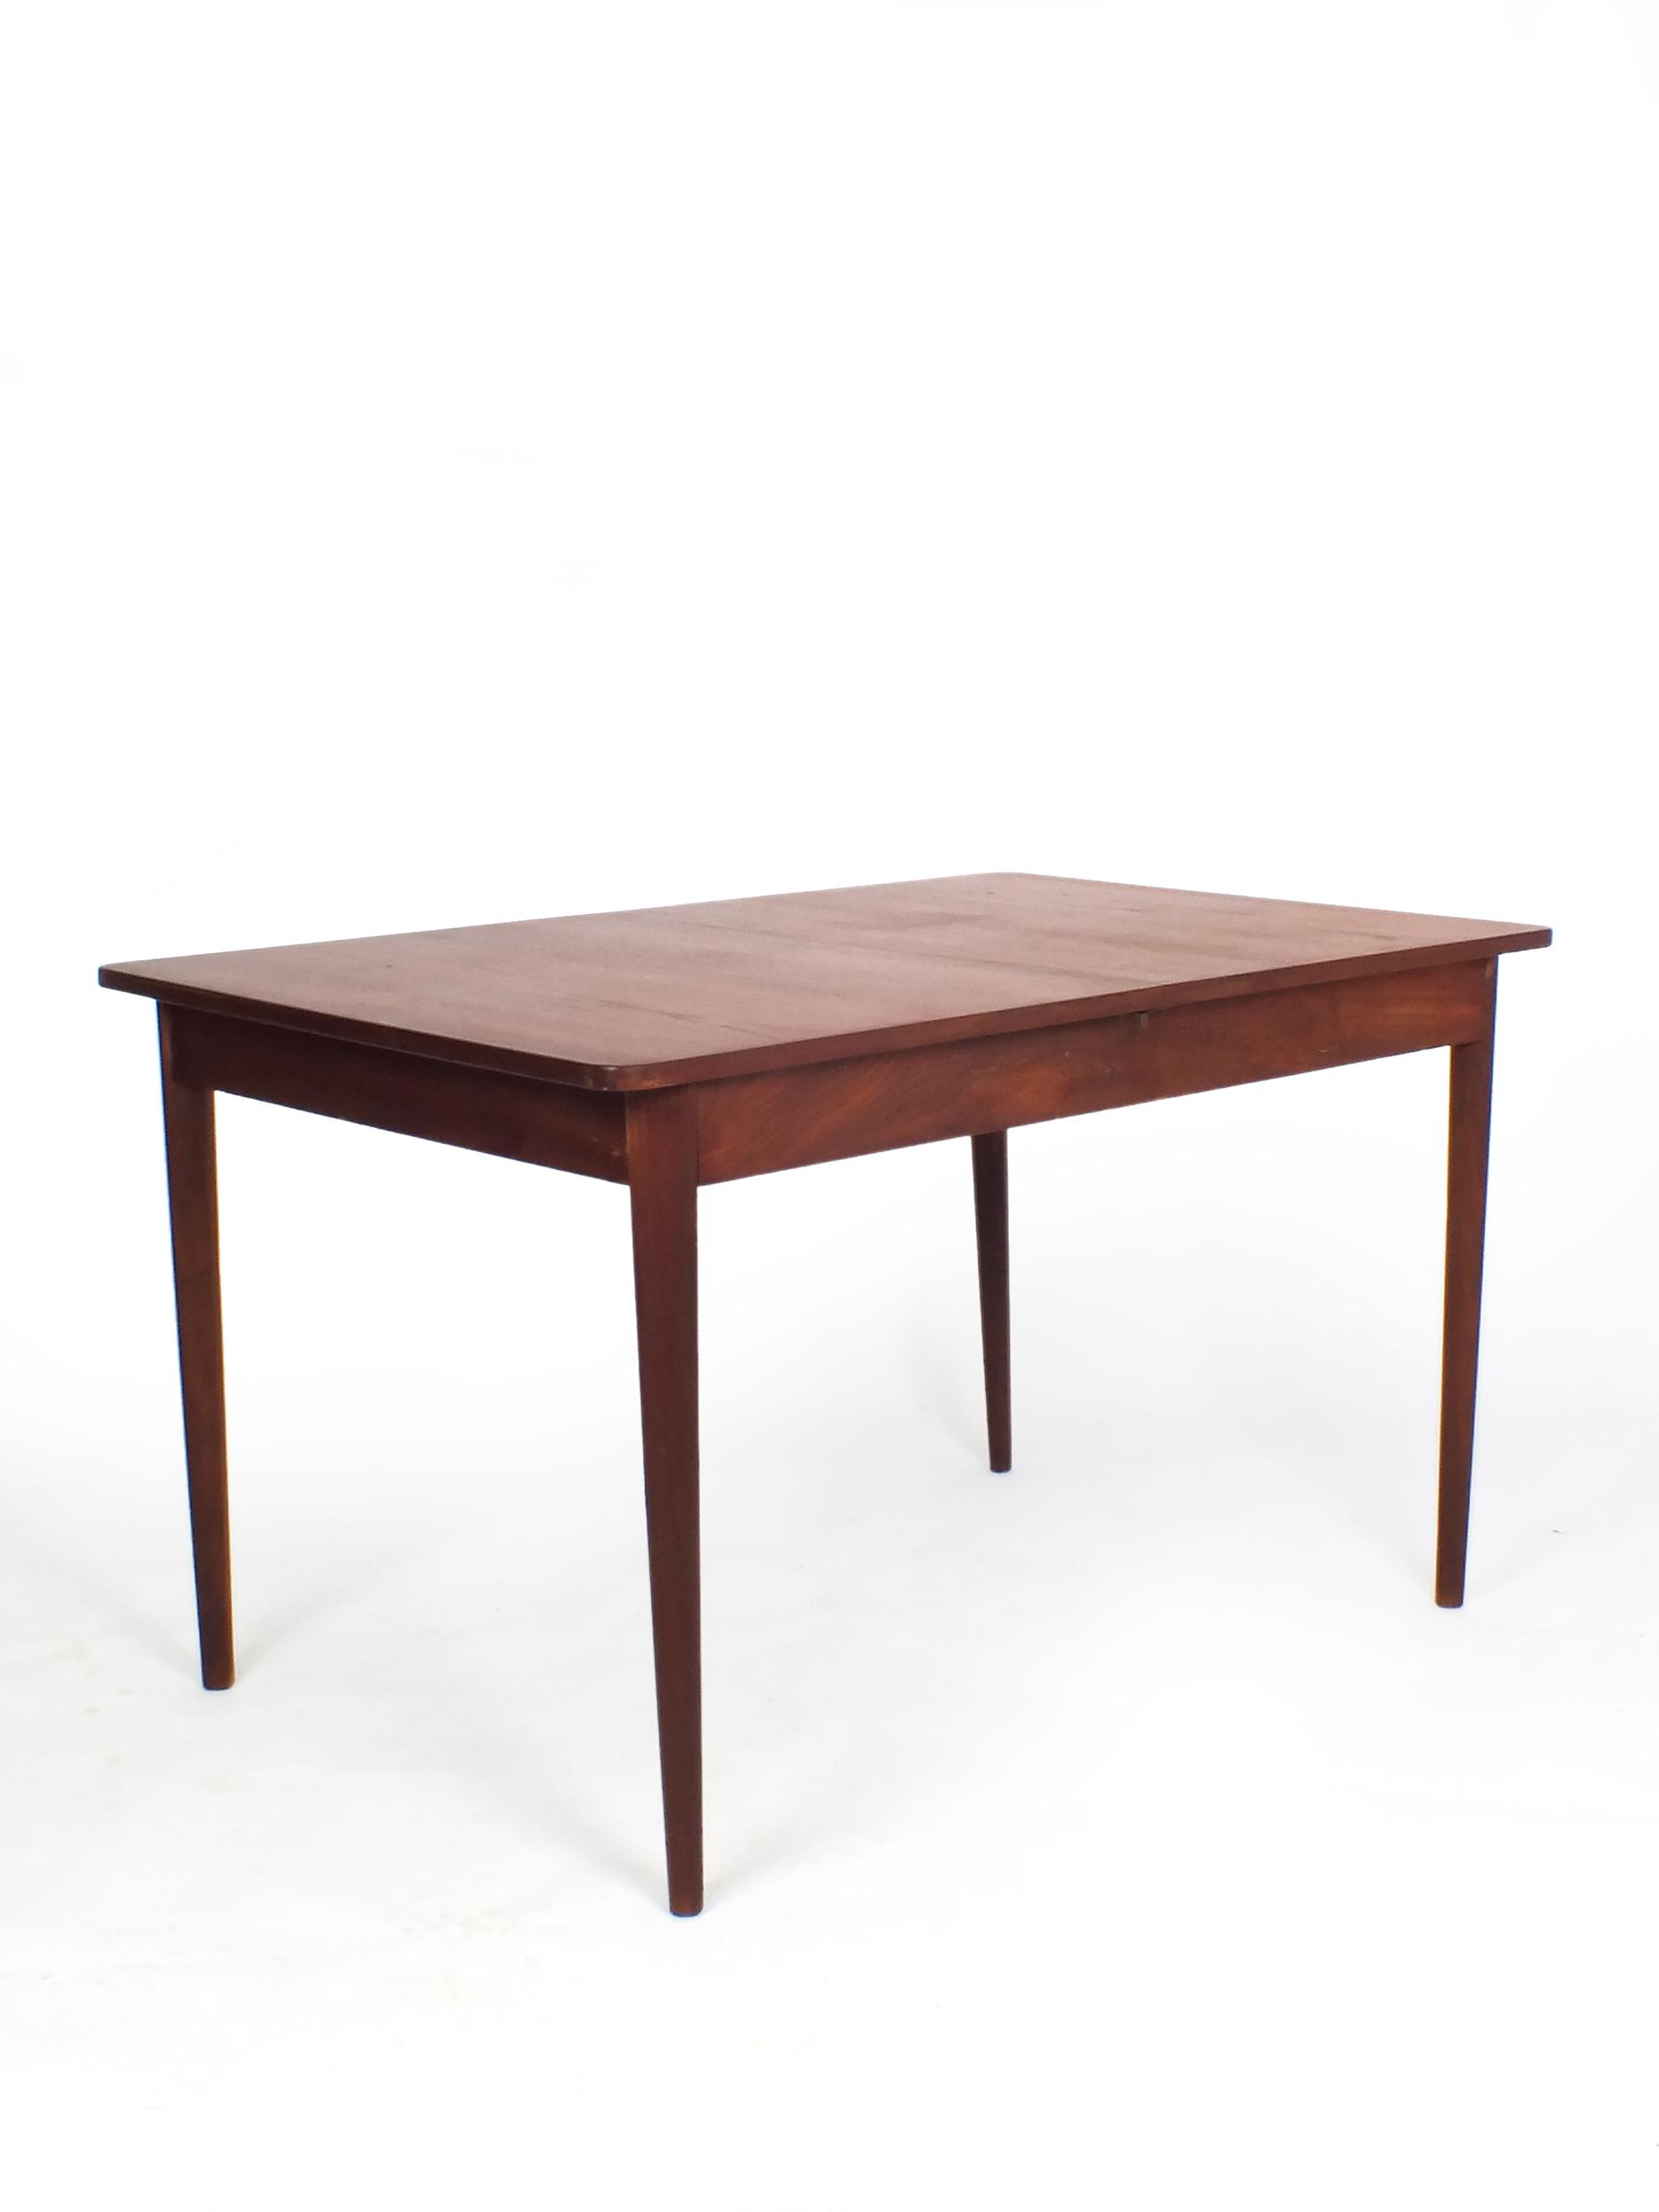 Eetkamer Tafel Teak.Teak Wood Extendable Dining Table Probably Dutch Vaen